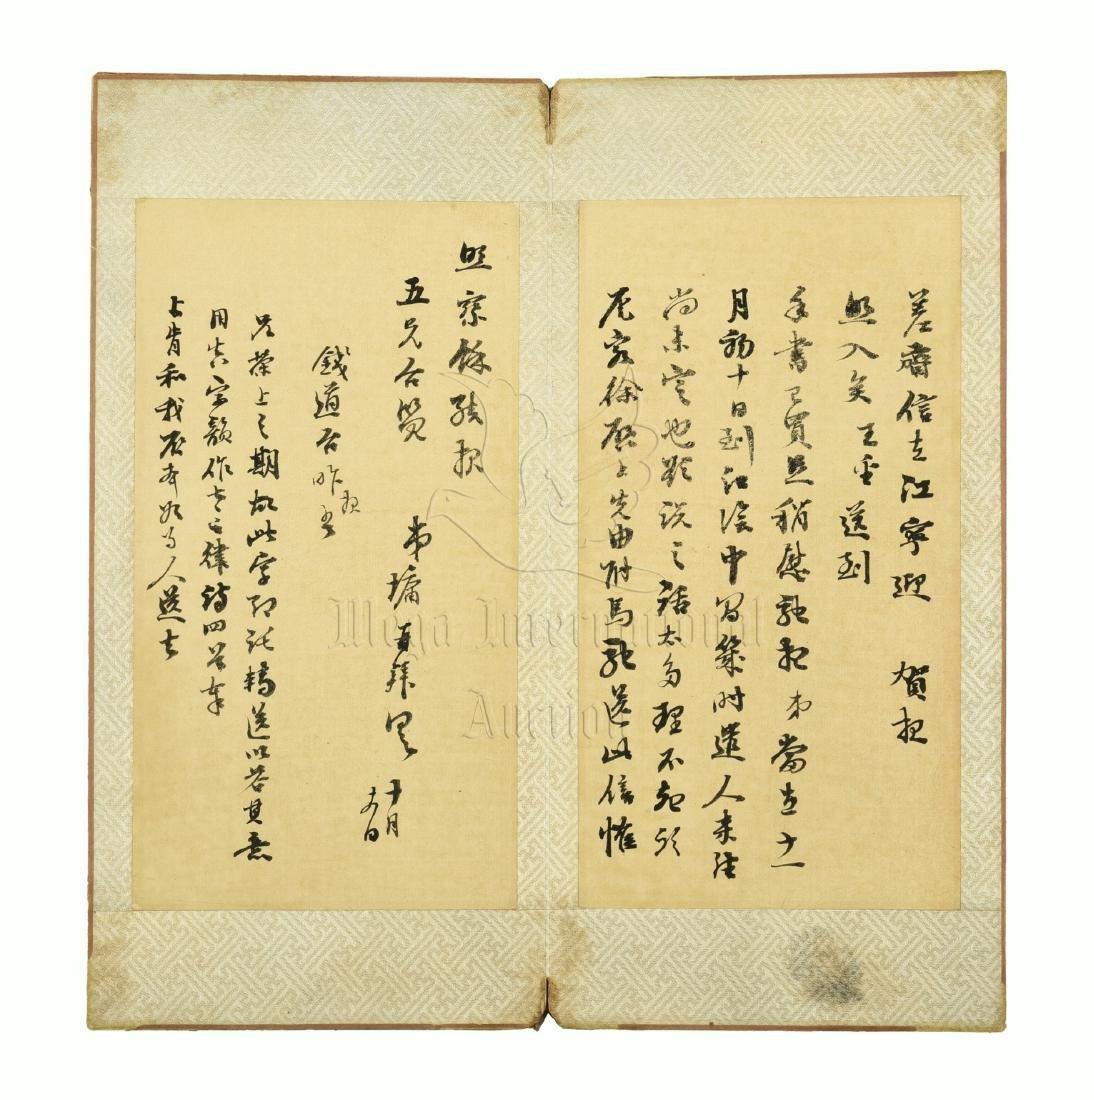 A FOLDED BOOK MANUSCRIPT - 13